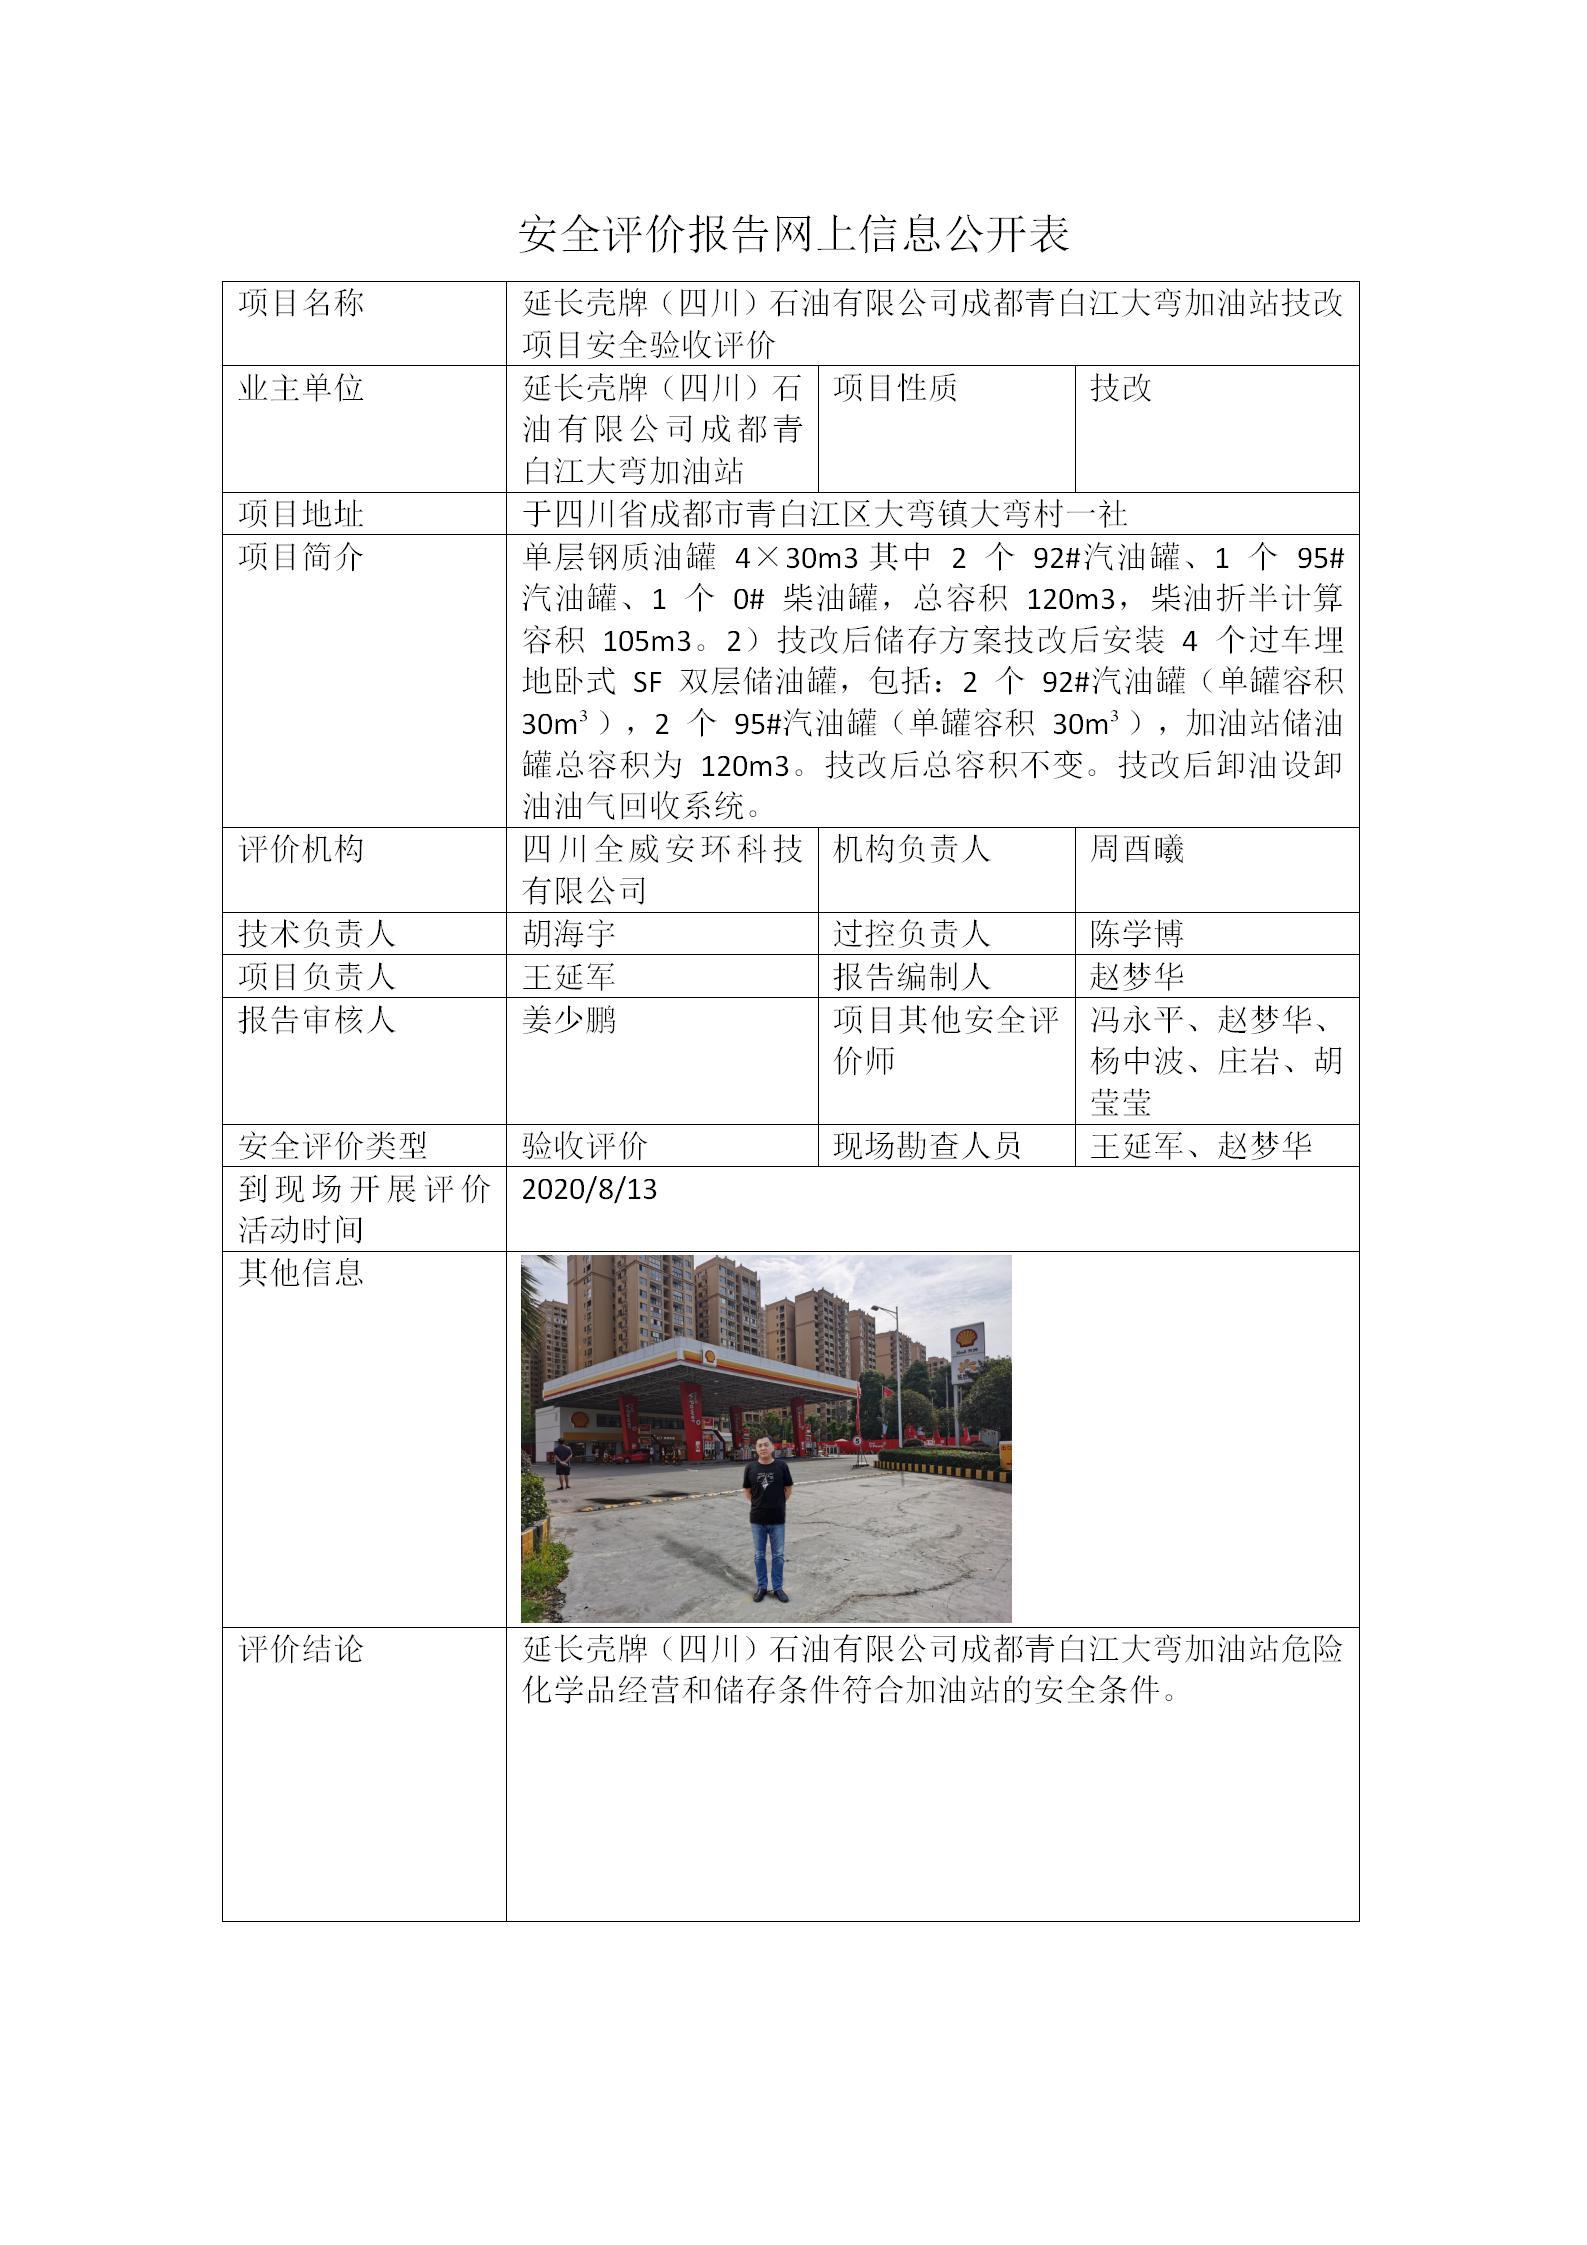 延长壳牌(四川)石油有限公司成都青白江大弯加油站技改项目安全验收评价